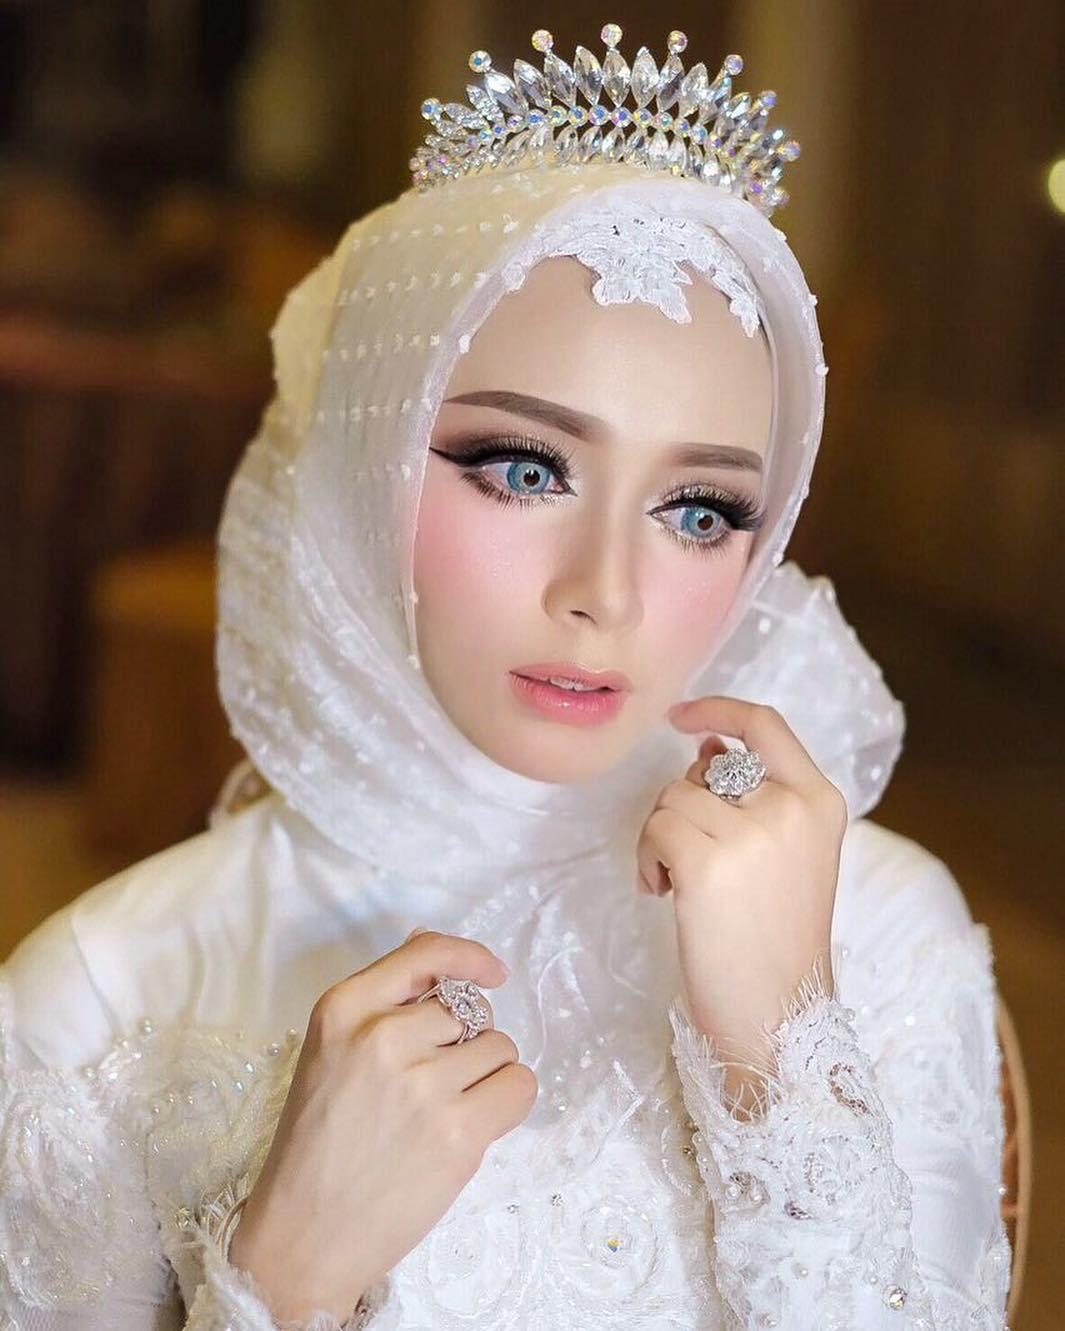 de04ab7e38 Tips Gaun Pengantin Untuk Hijabers